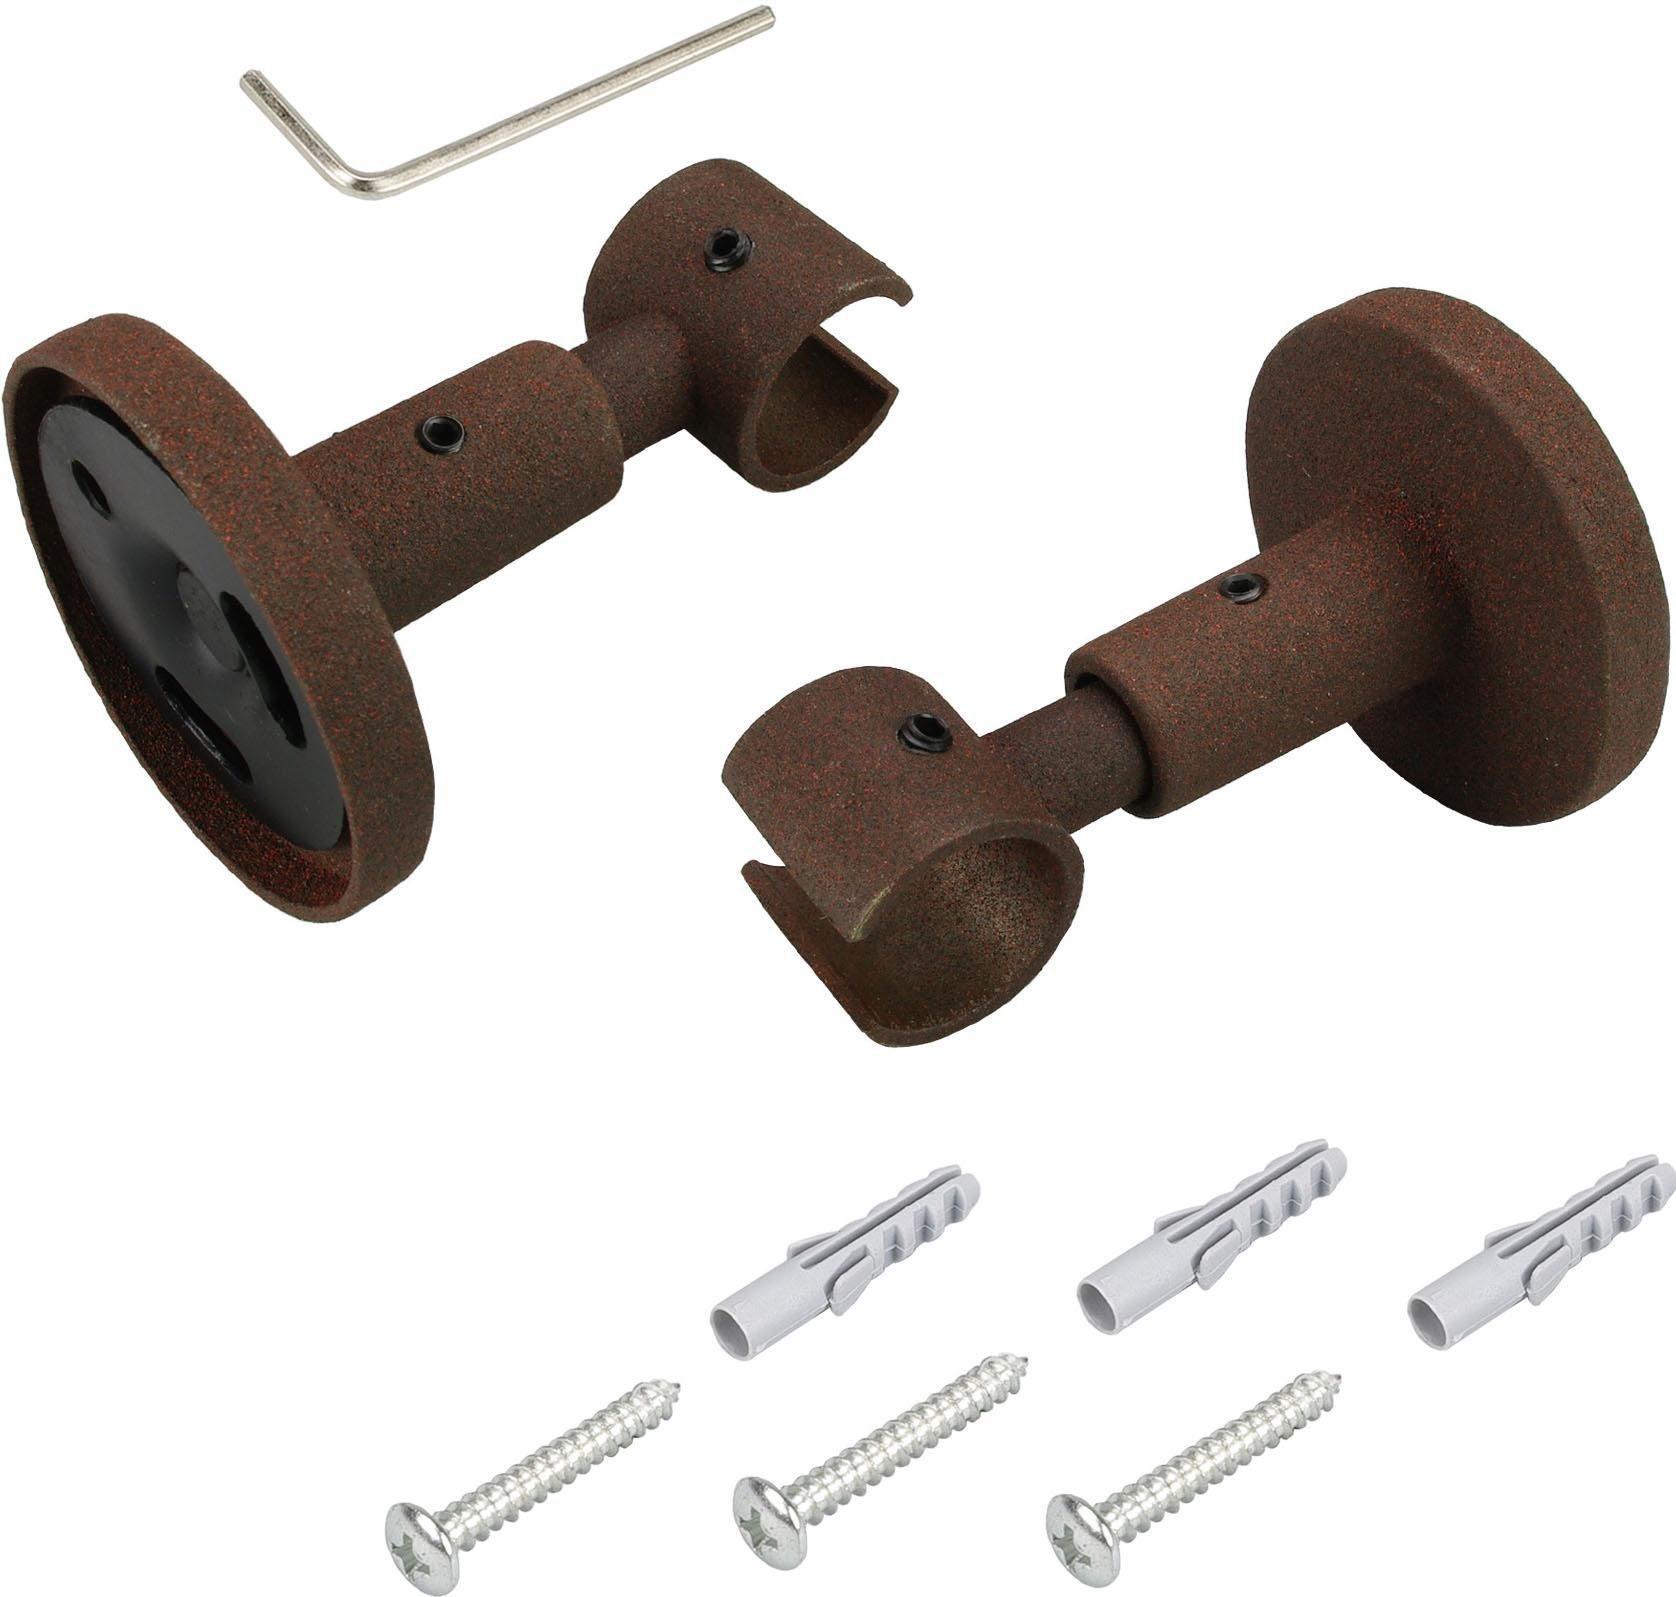 Deckenträger, Liedeco, für Gardinenstangen Ø 16 mm (1 Stück) | Heimtextilien > Gardinen und Vorhänge > Gardinenstangen | Liedeco